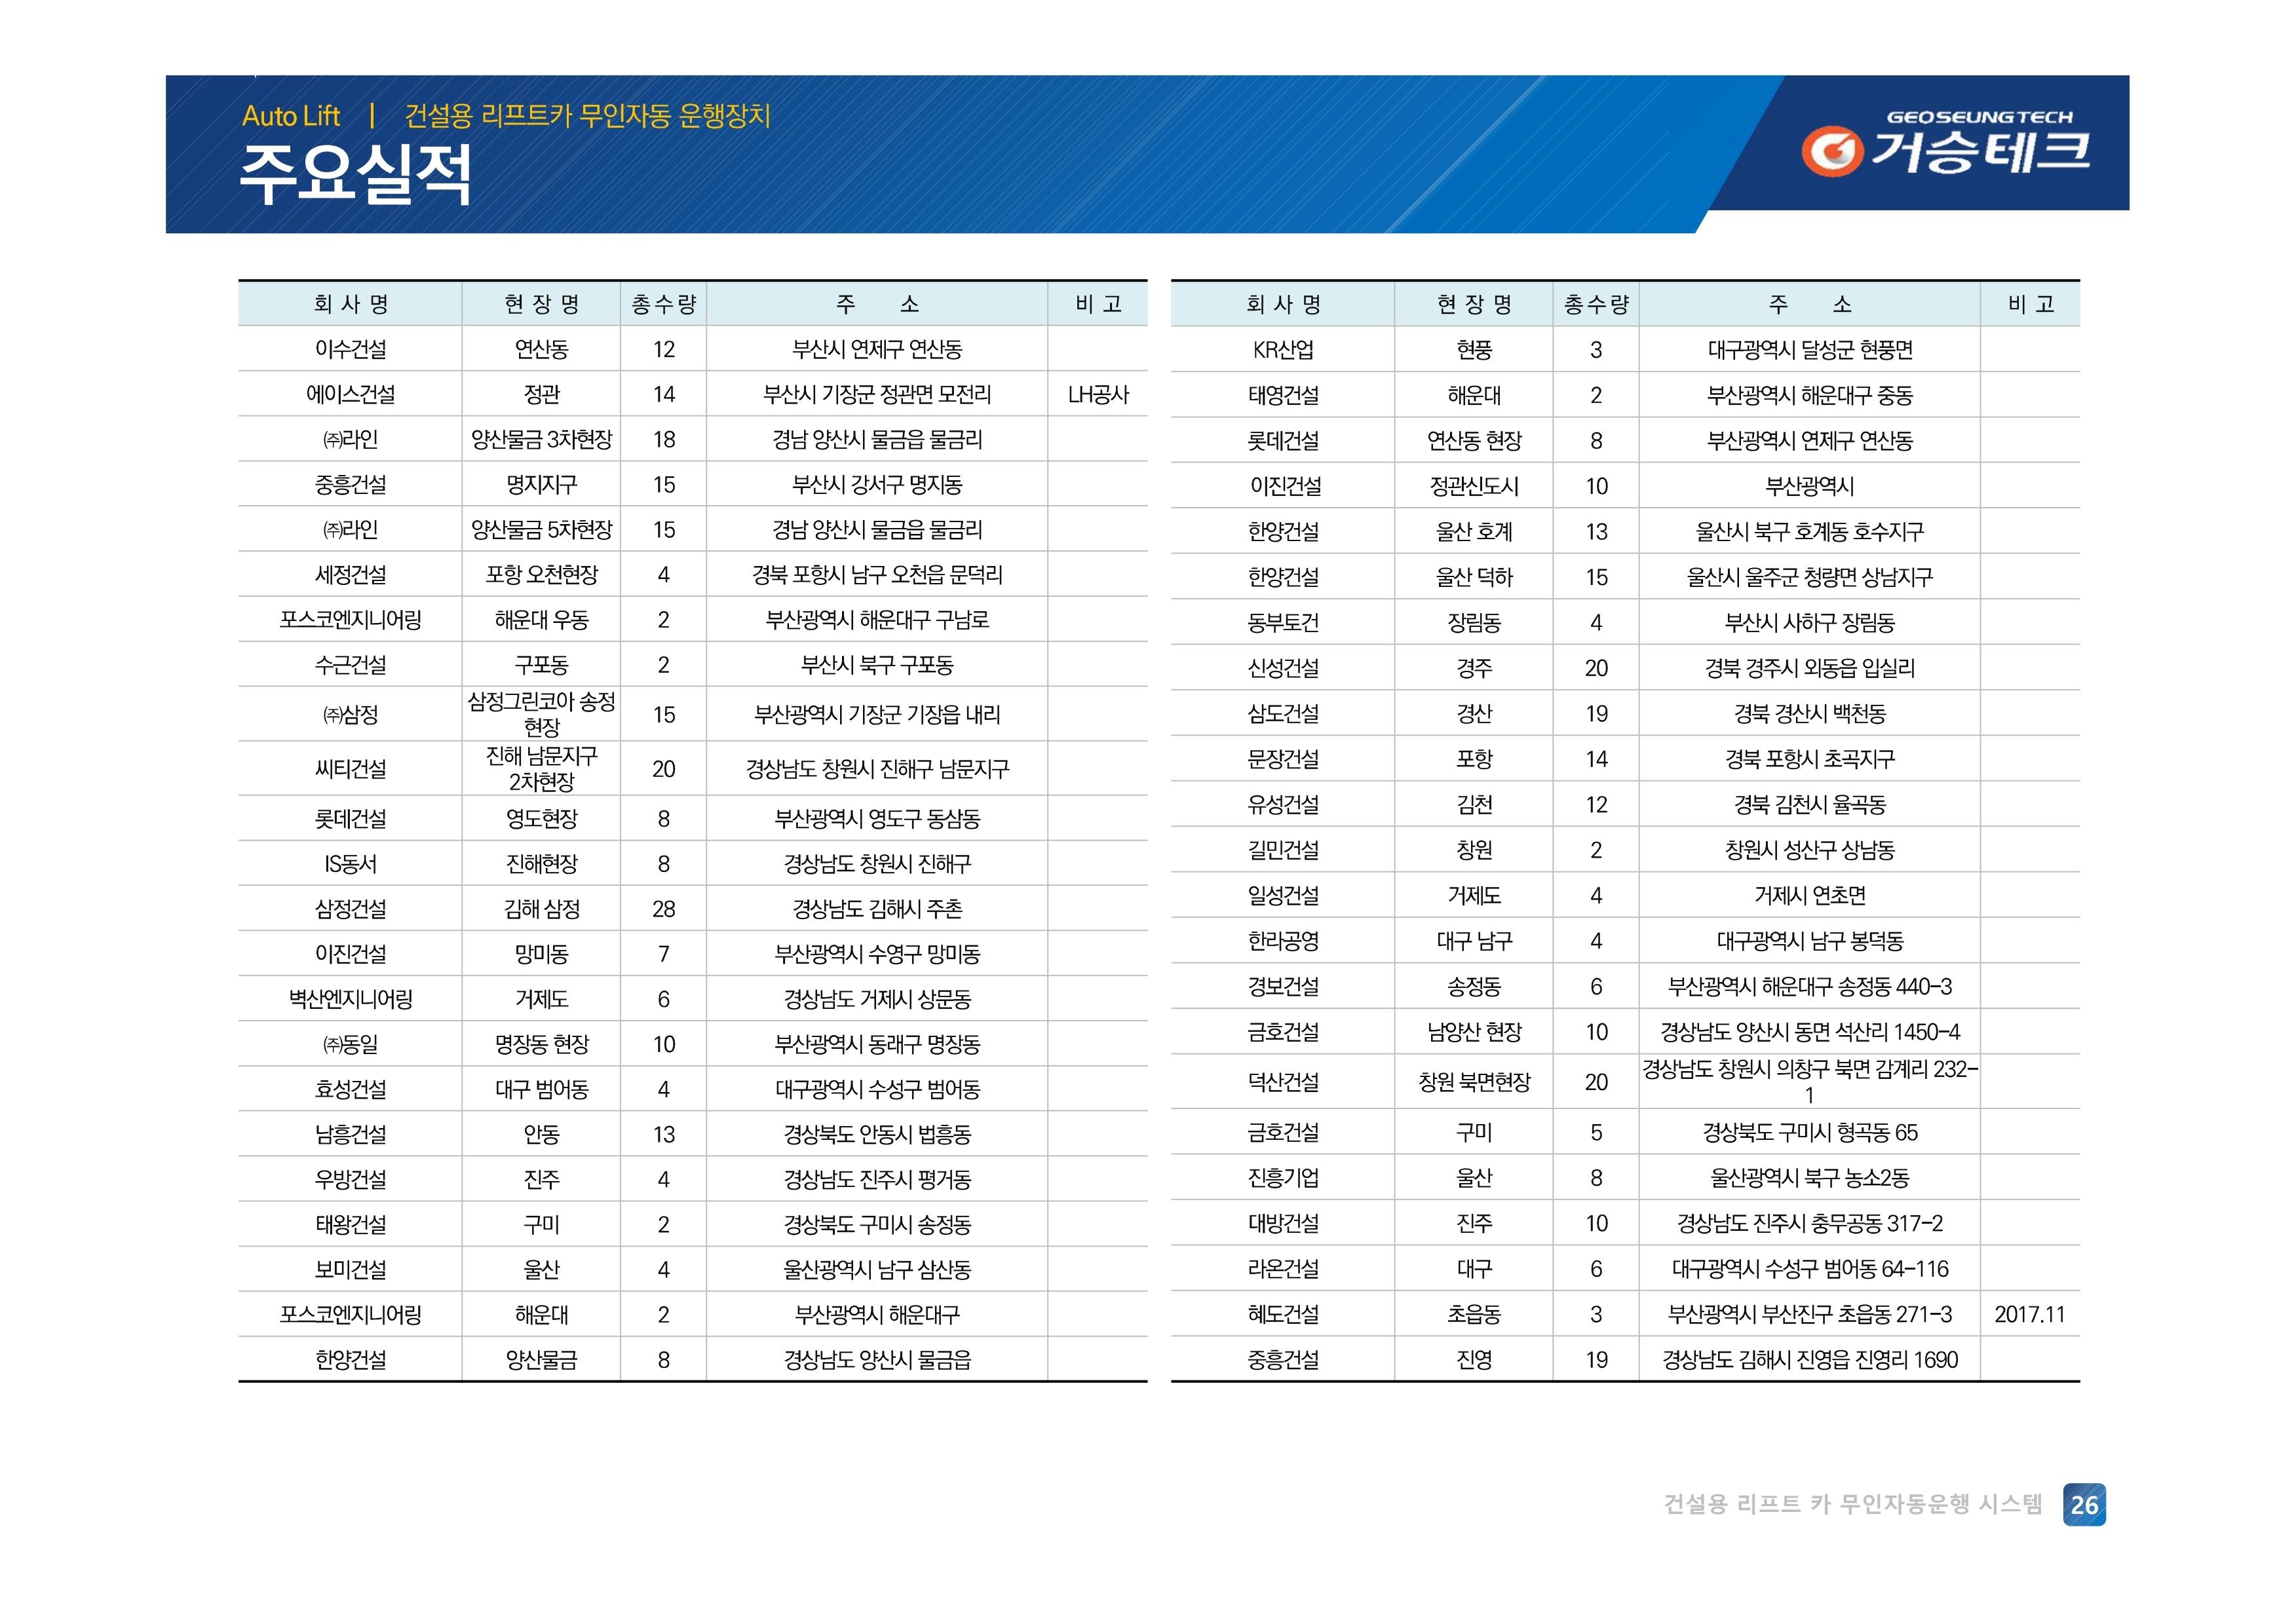 무인자동 (거승테크)-Rev01 (2020-07-22).pdf_page_26.jpg